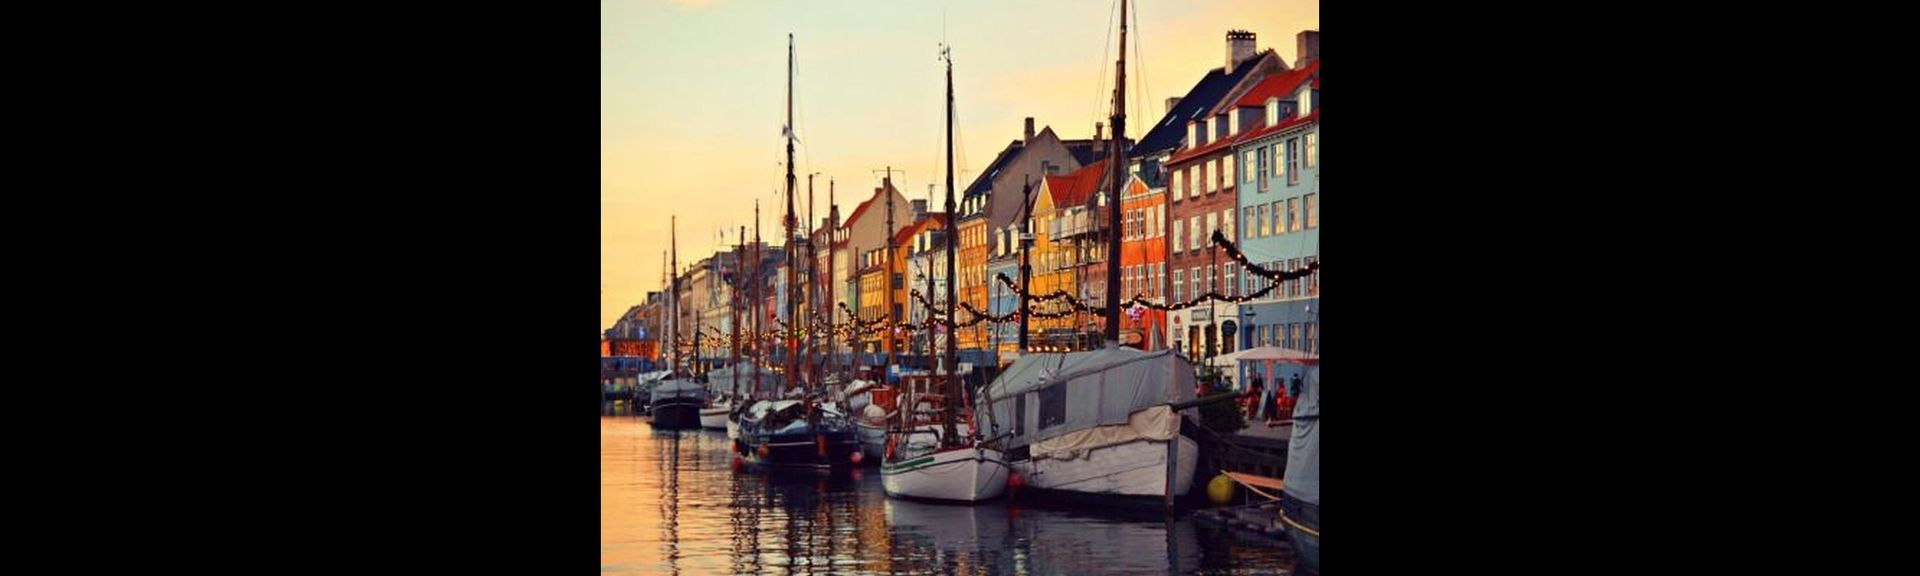 Vesterbro, Copenhagen, Hovedstaden, Denmark